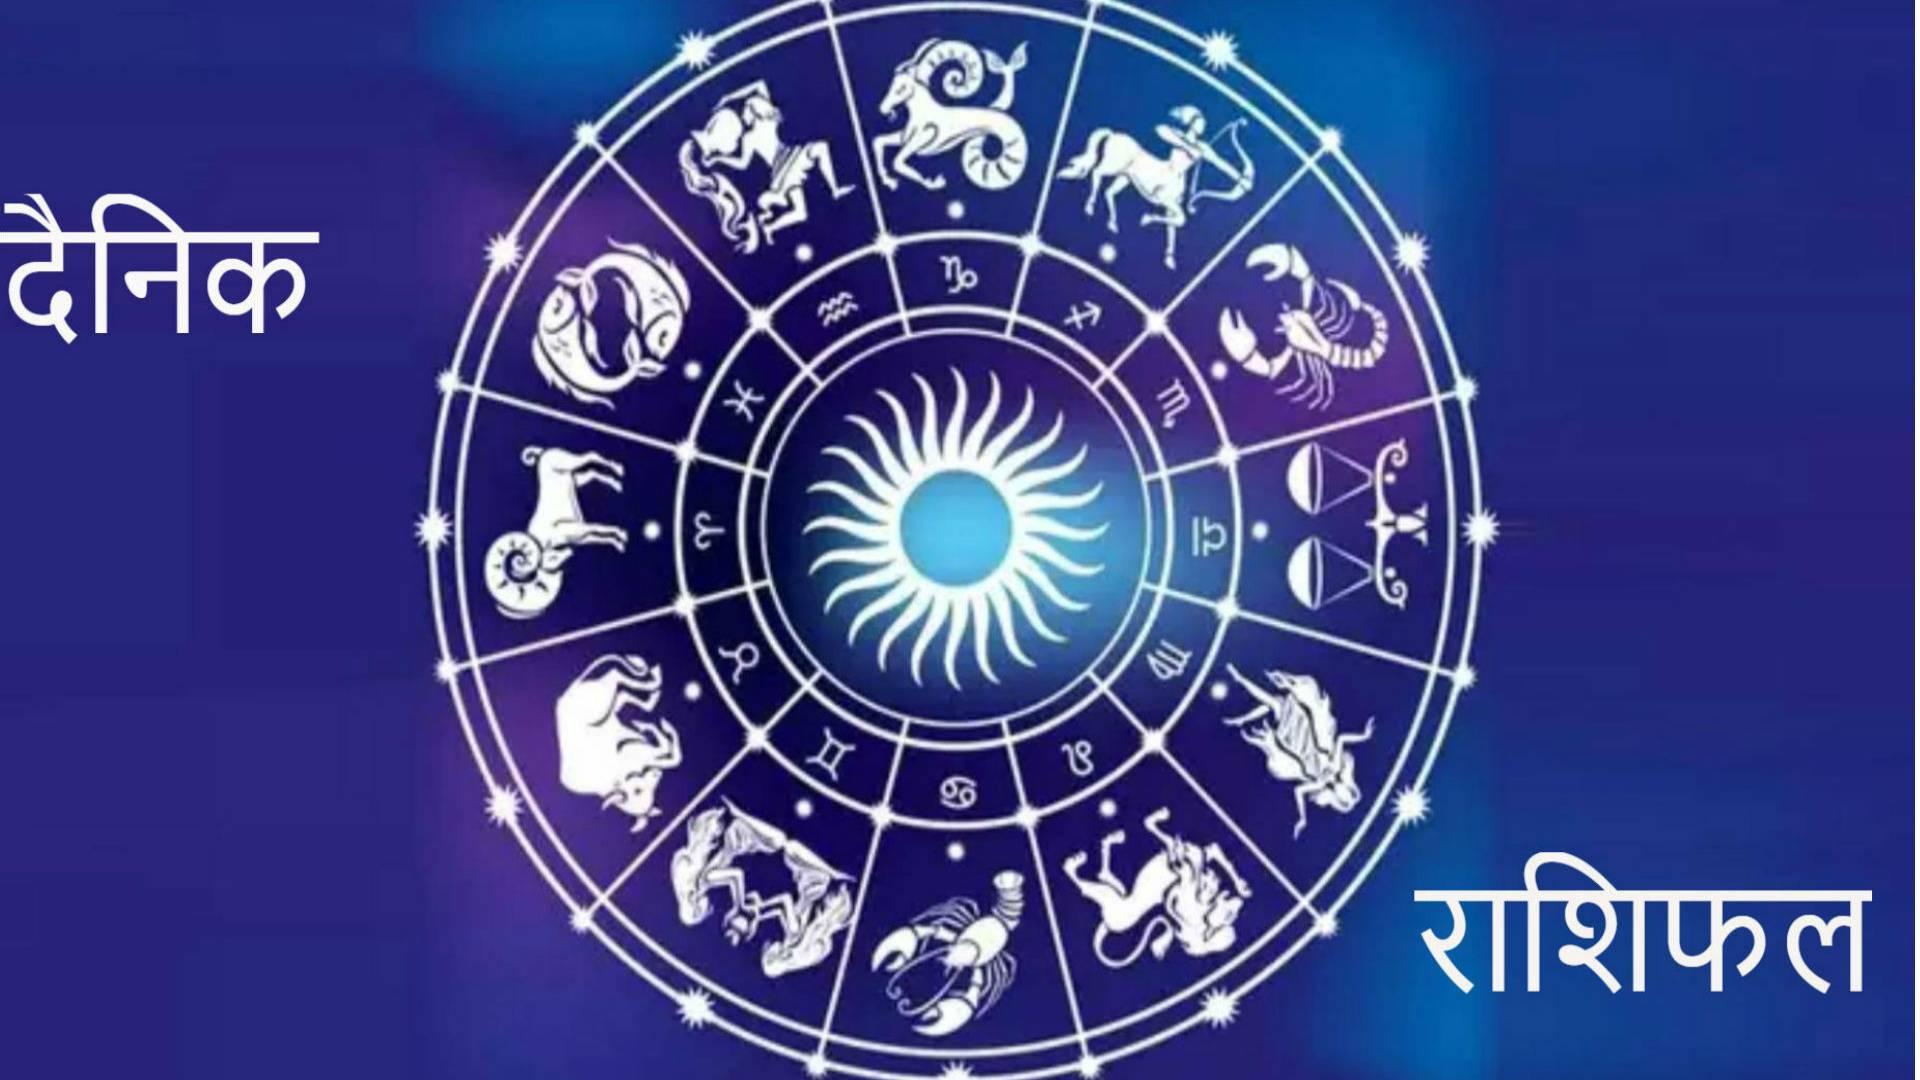 राशिफल 10 फरवरी 2020: मेष, वृषभ, मिथुन राशि के लोगों का दिन रहेगा शुभ, जाने बाकी राशियों का हाल